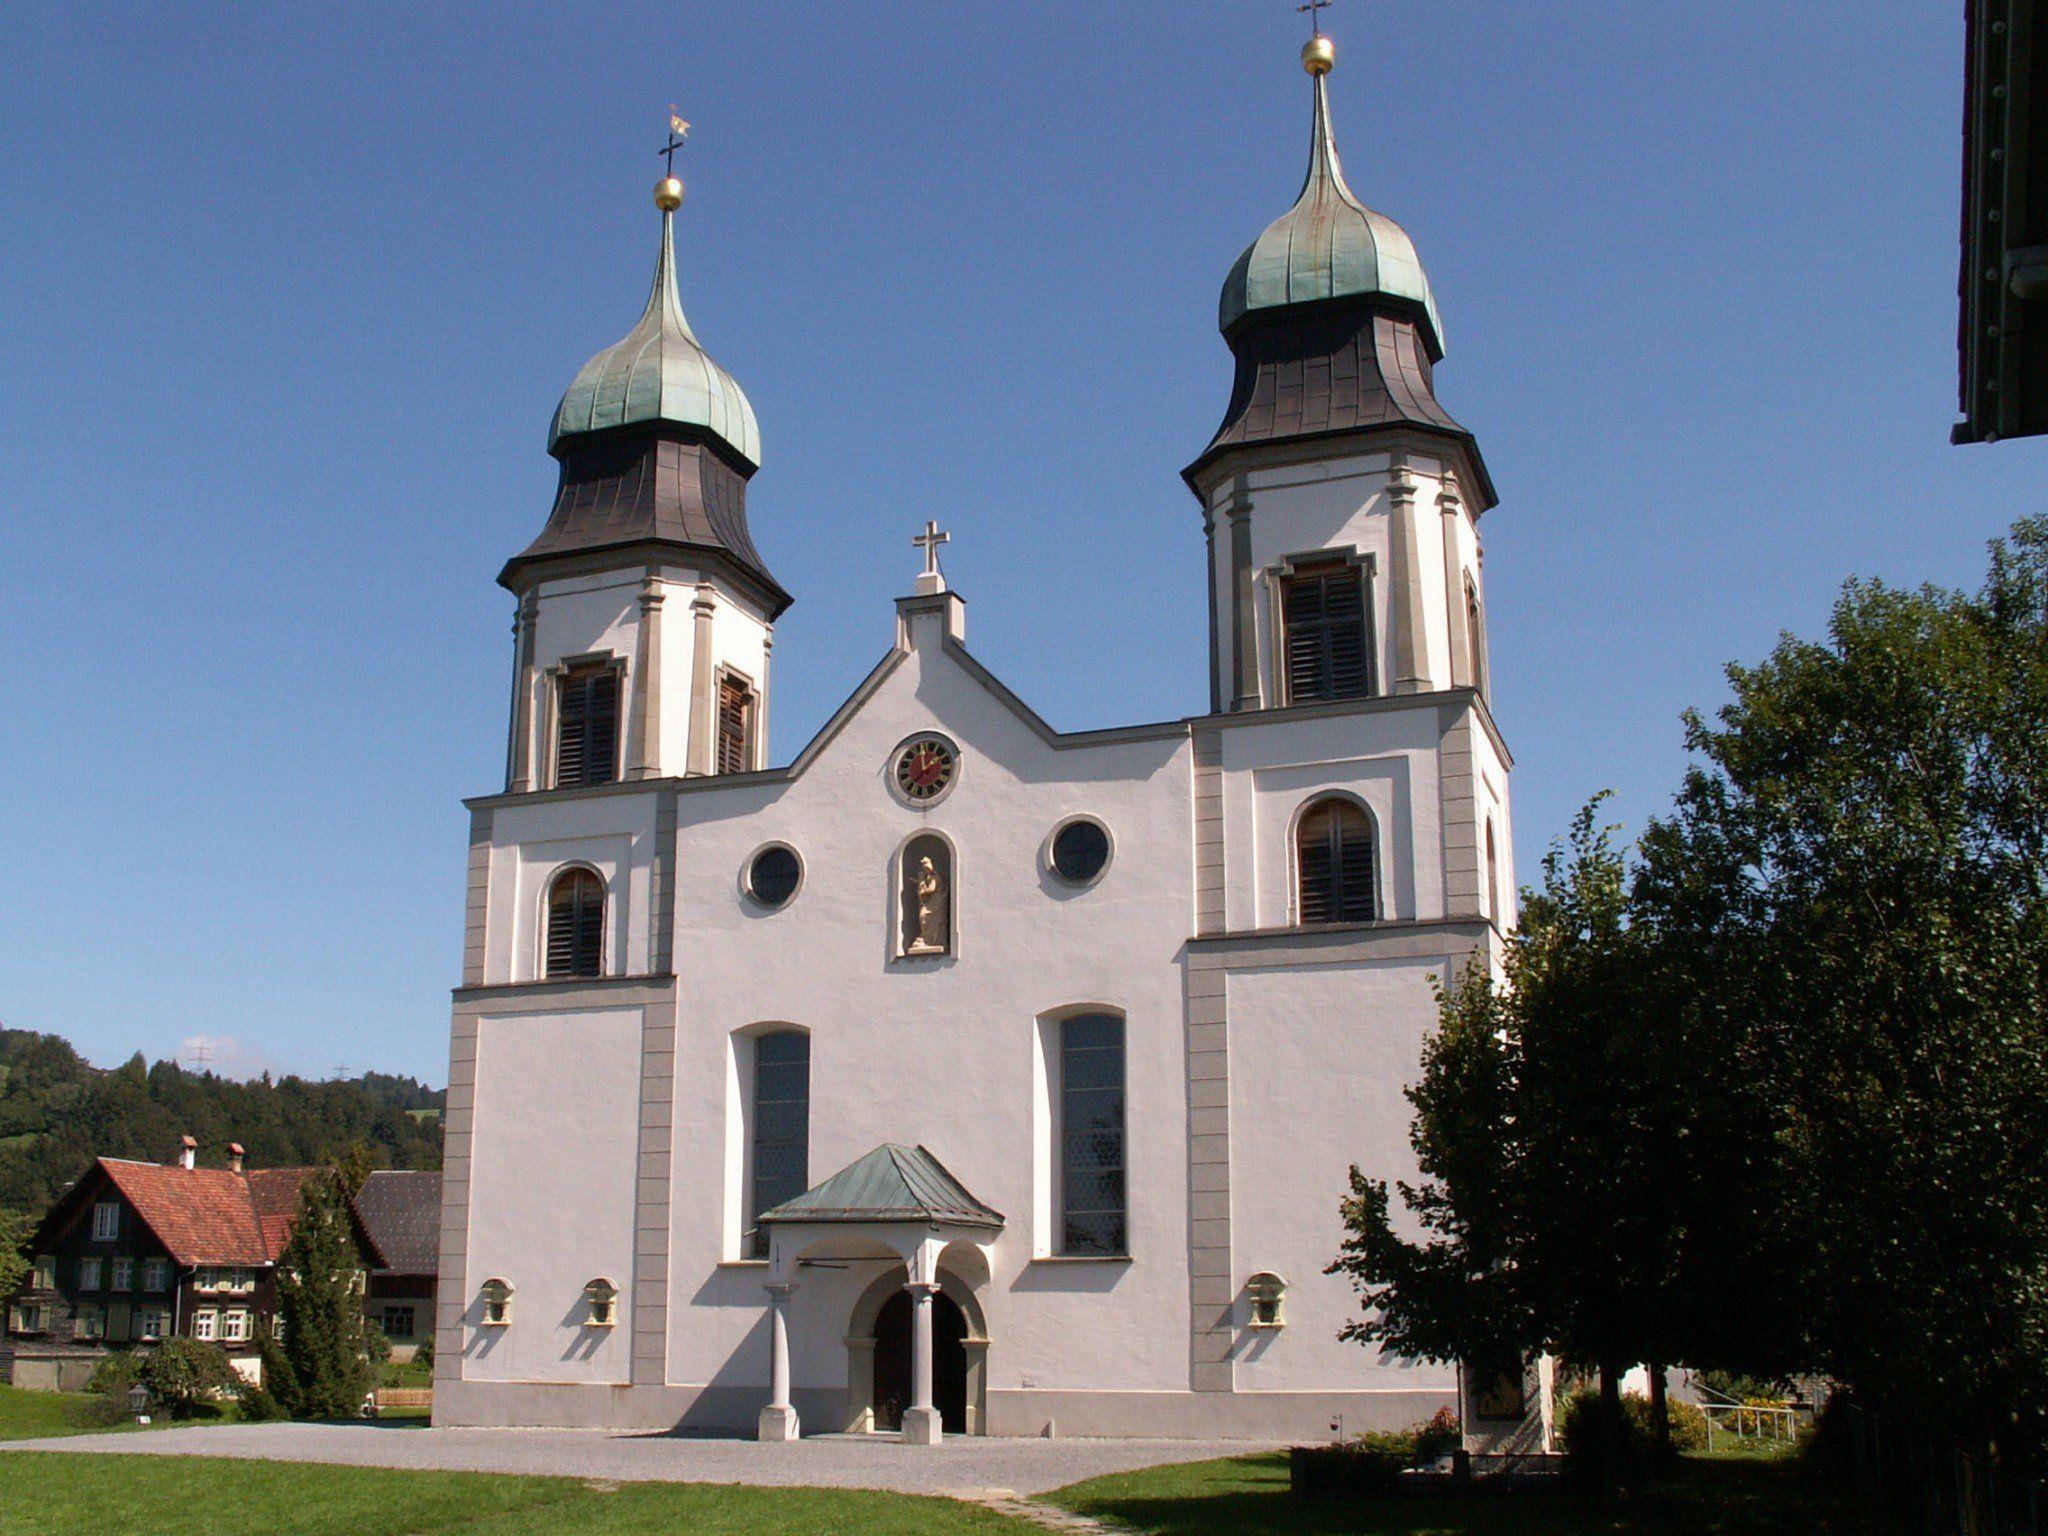 Passionskonzert in der Wallfahrtskirche Maria Bildstein.